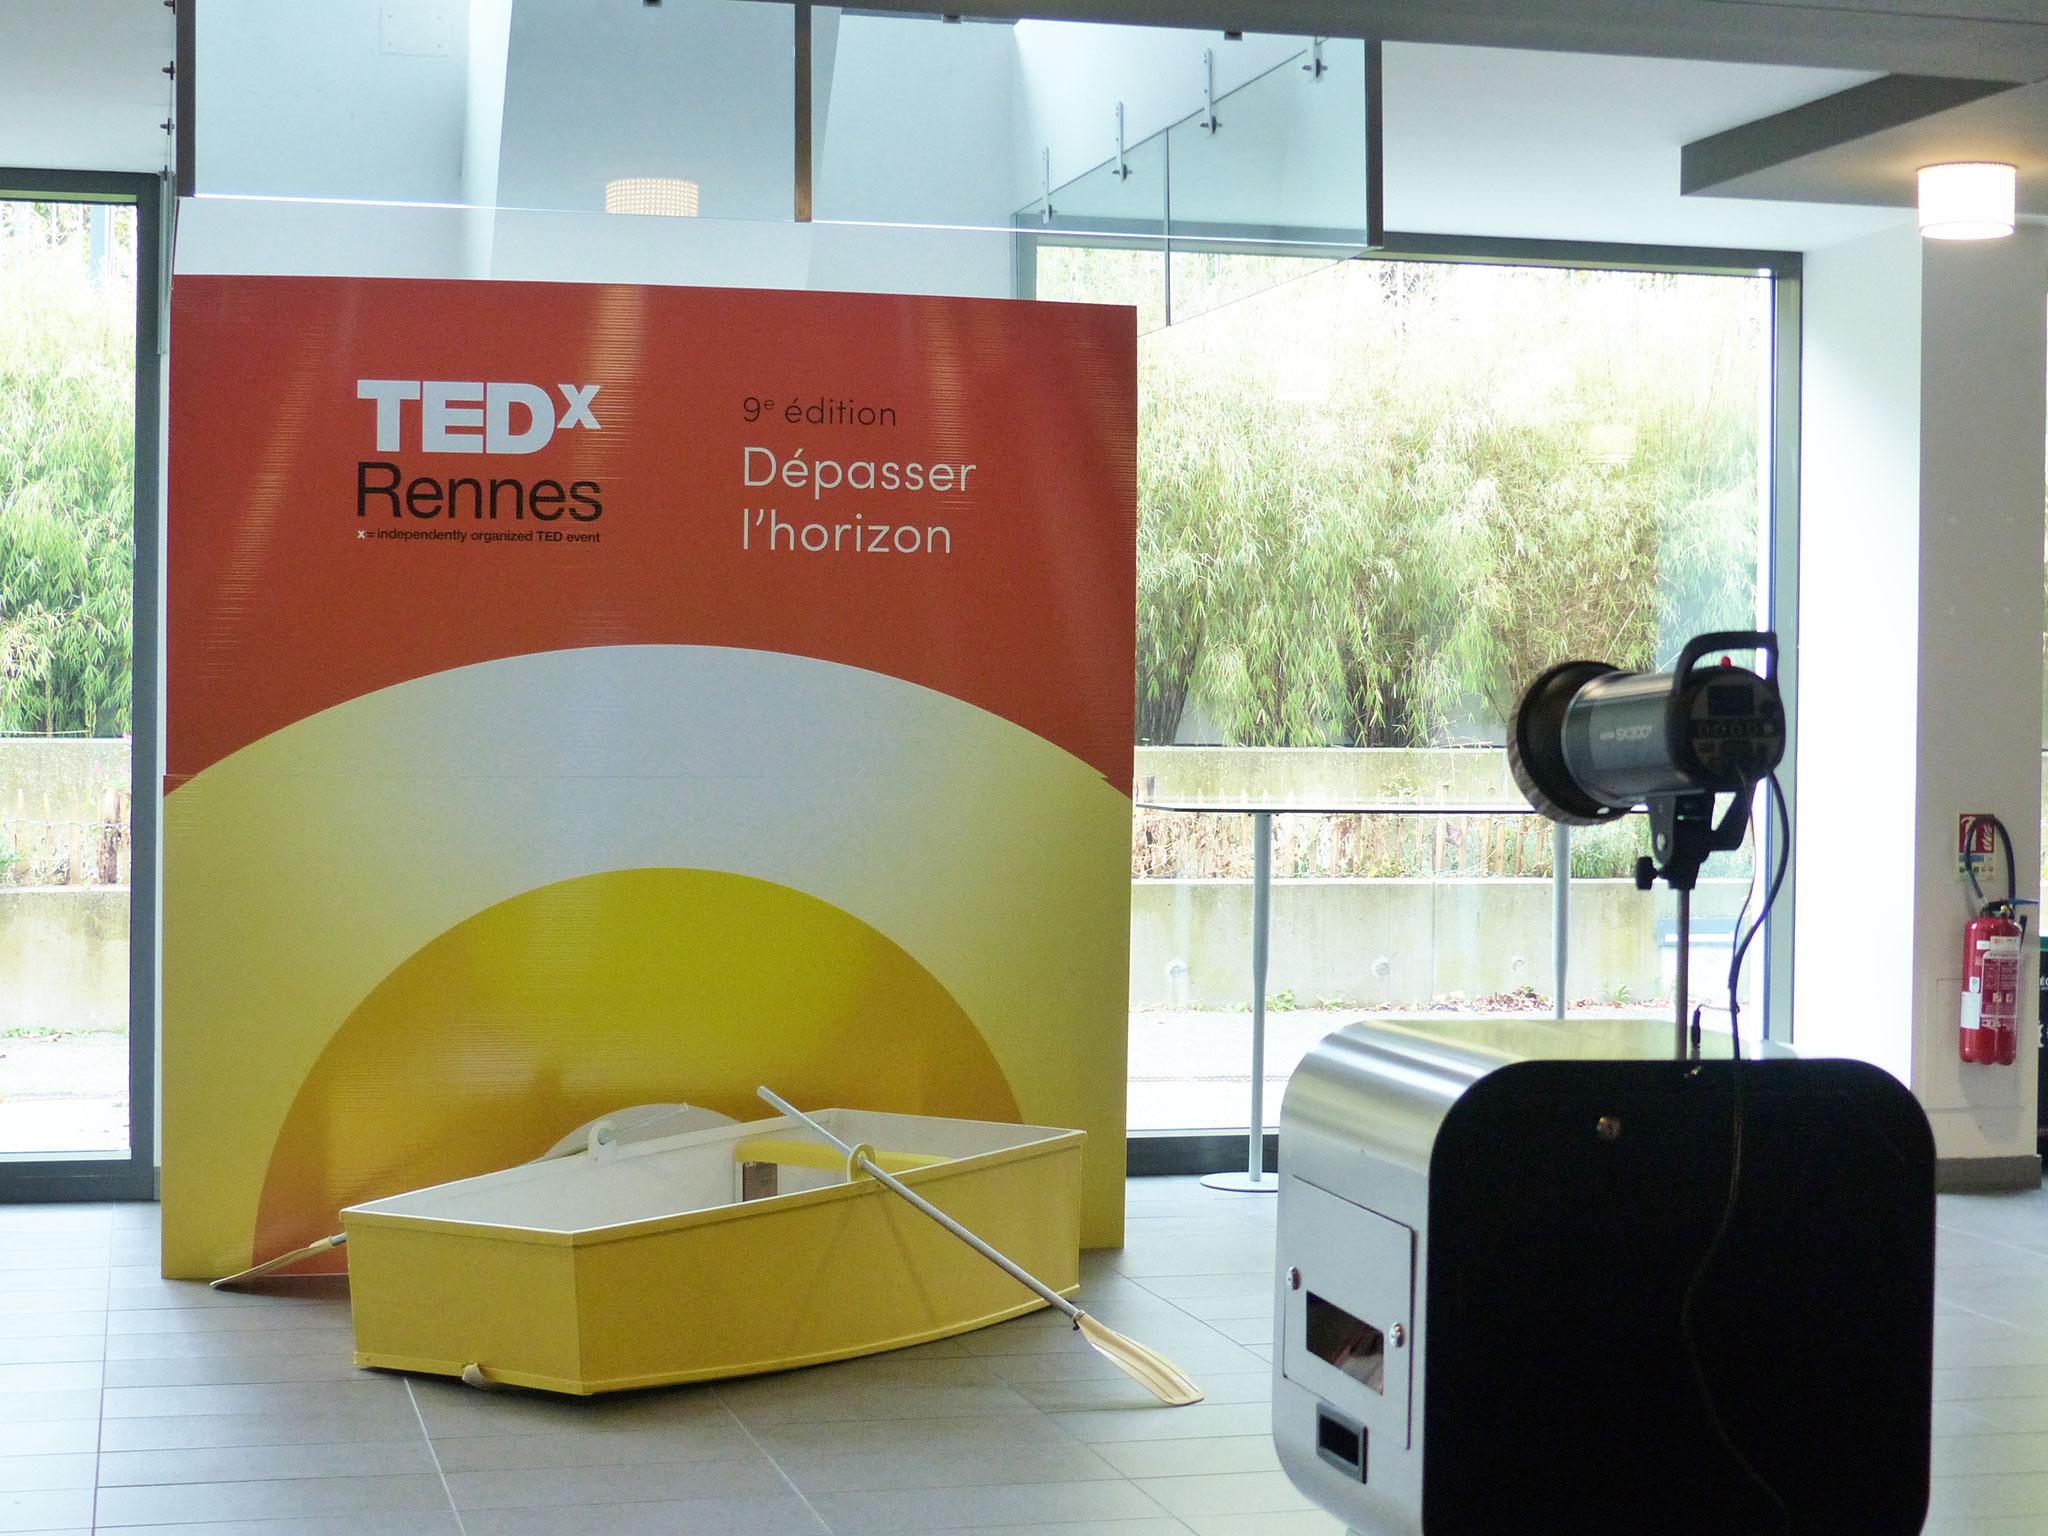 2009 Le Liberté Tedx Citédia Event (2)